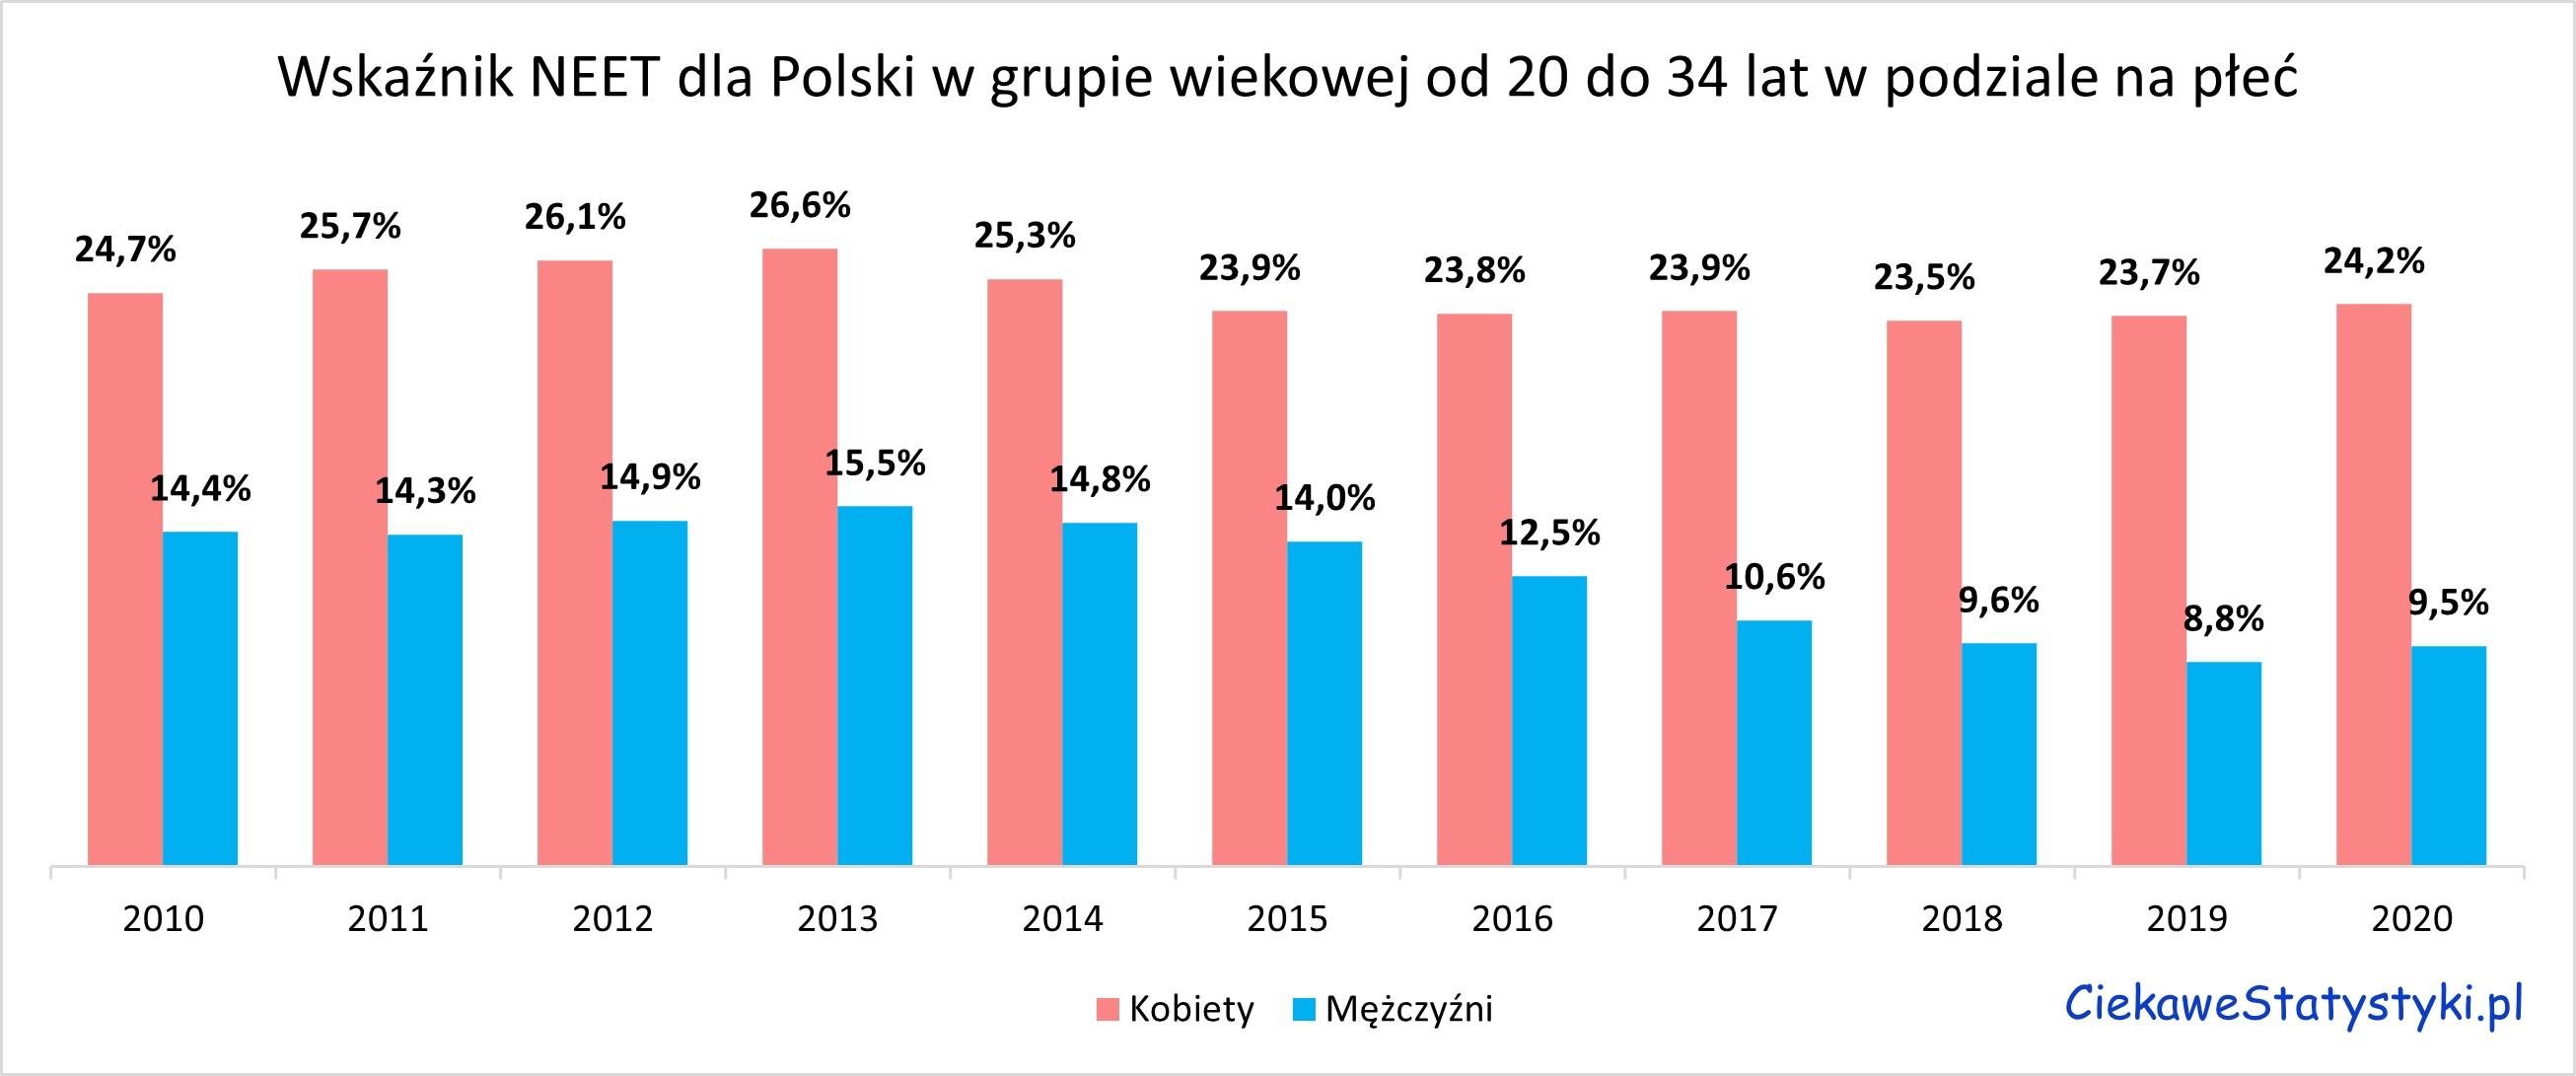 Ile młodych mężczyzn w Polsce nie pracuje. Ile młodych kobiet w Polsce nie pracuje. Młodzież NEET w Polsce